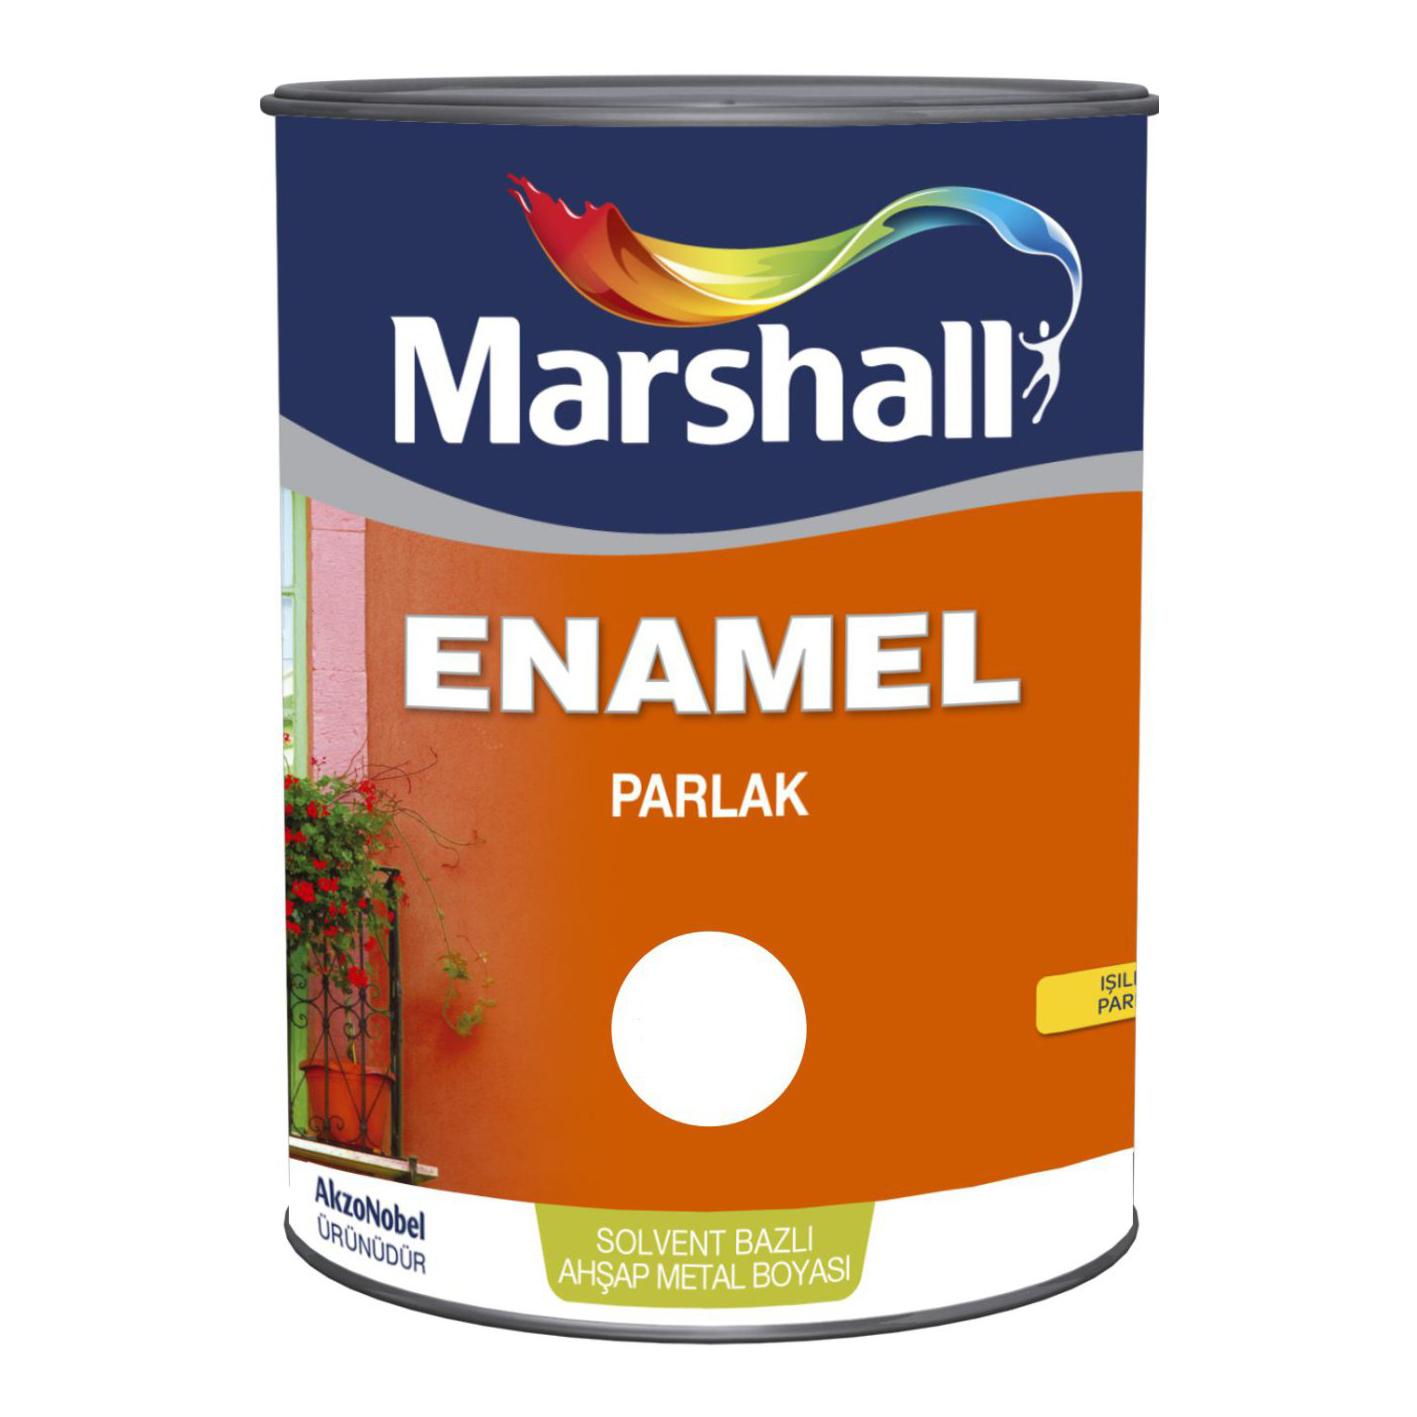 Marshall Enamel Parlak Siyah 0.75Lt